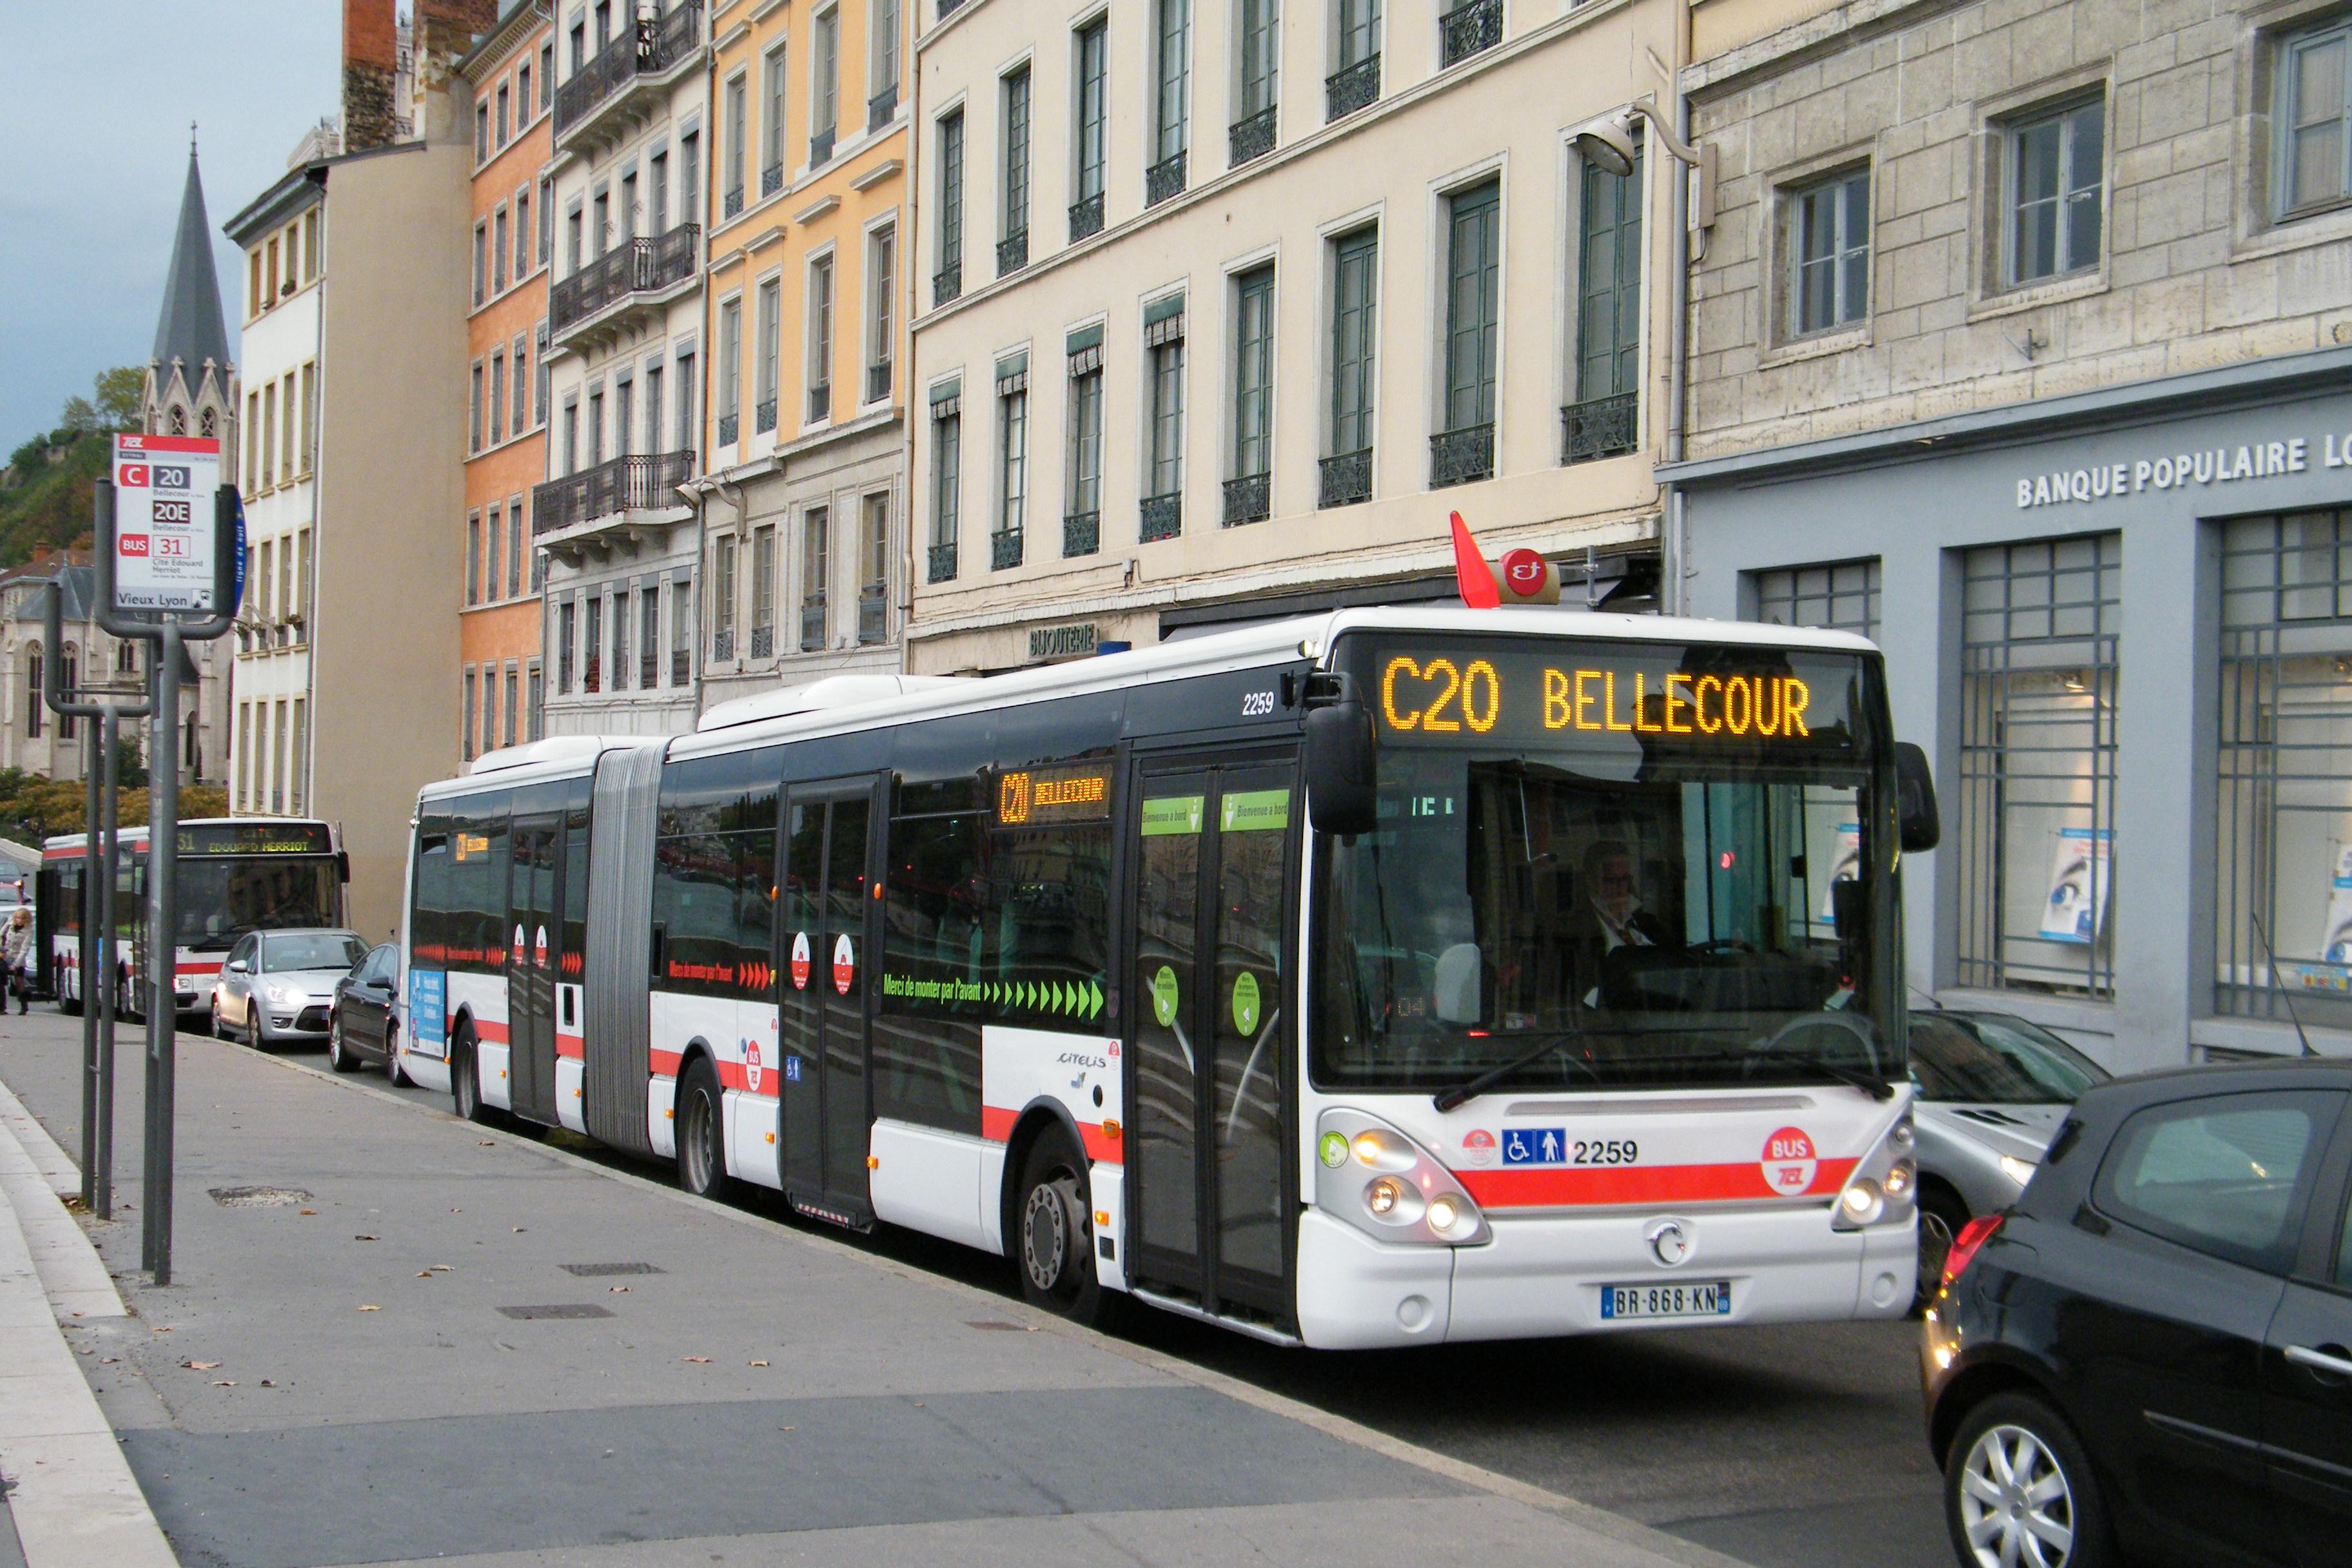 File:2259 Citelis18 920 TCL Vieux-Lyon.jpg